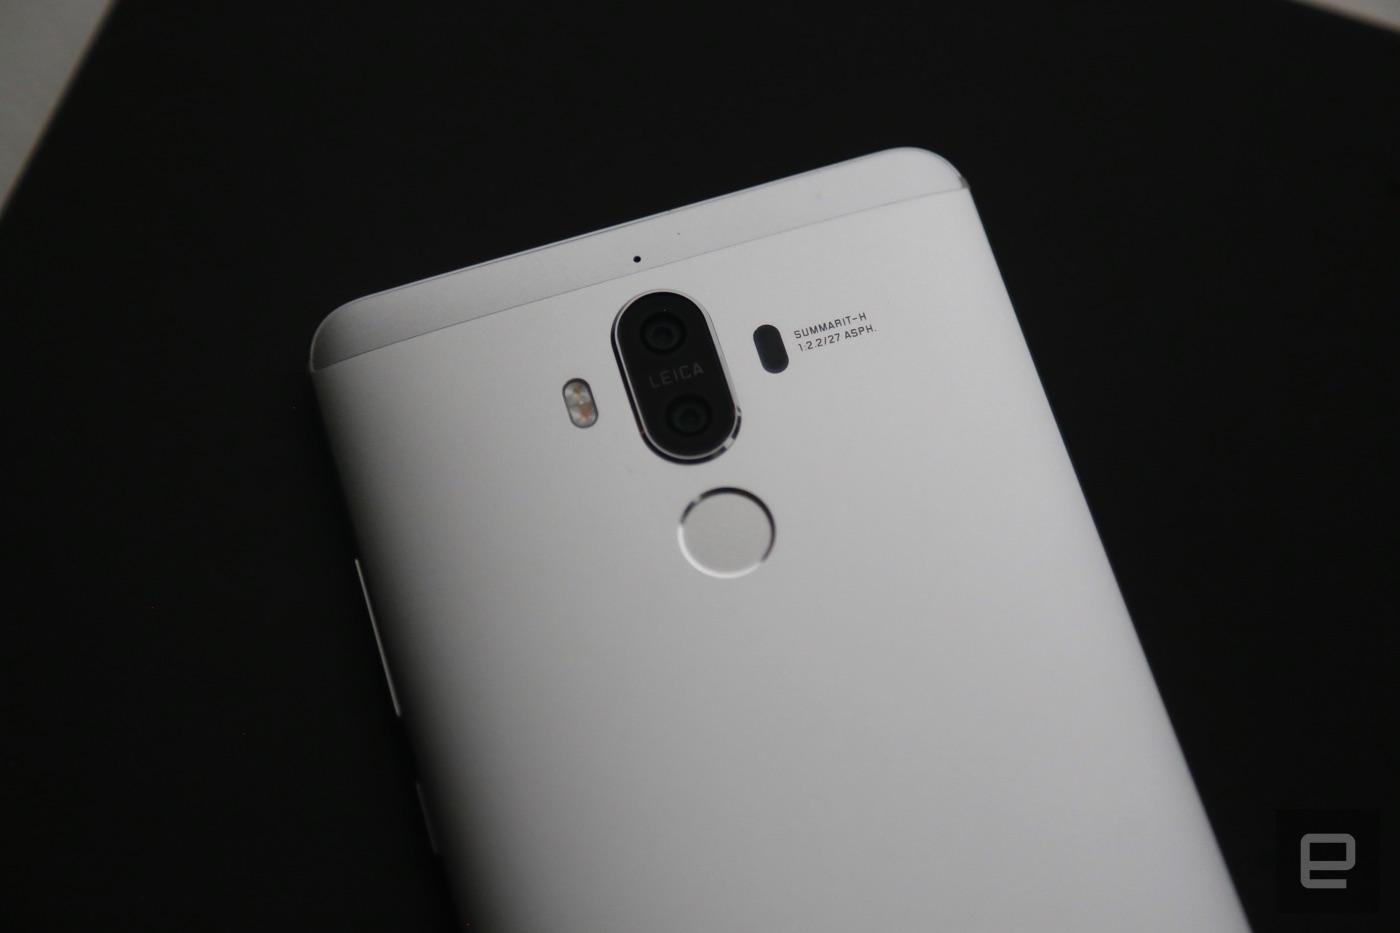 El Huawei Mate 10 se presentará el 16 de octubre